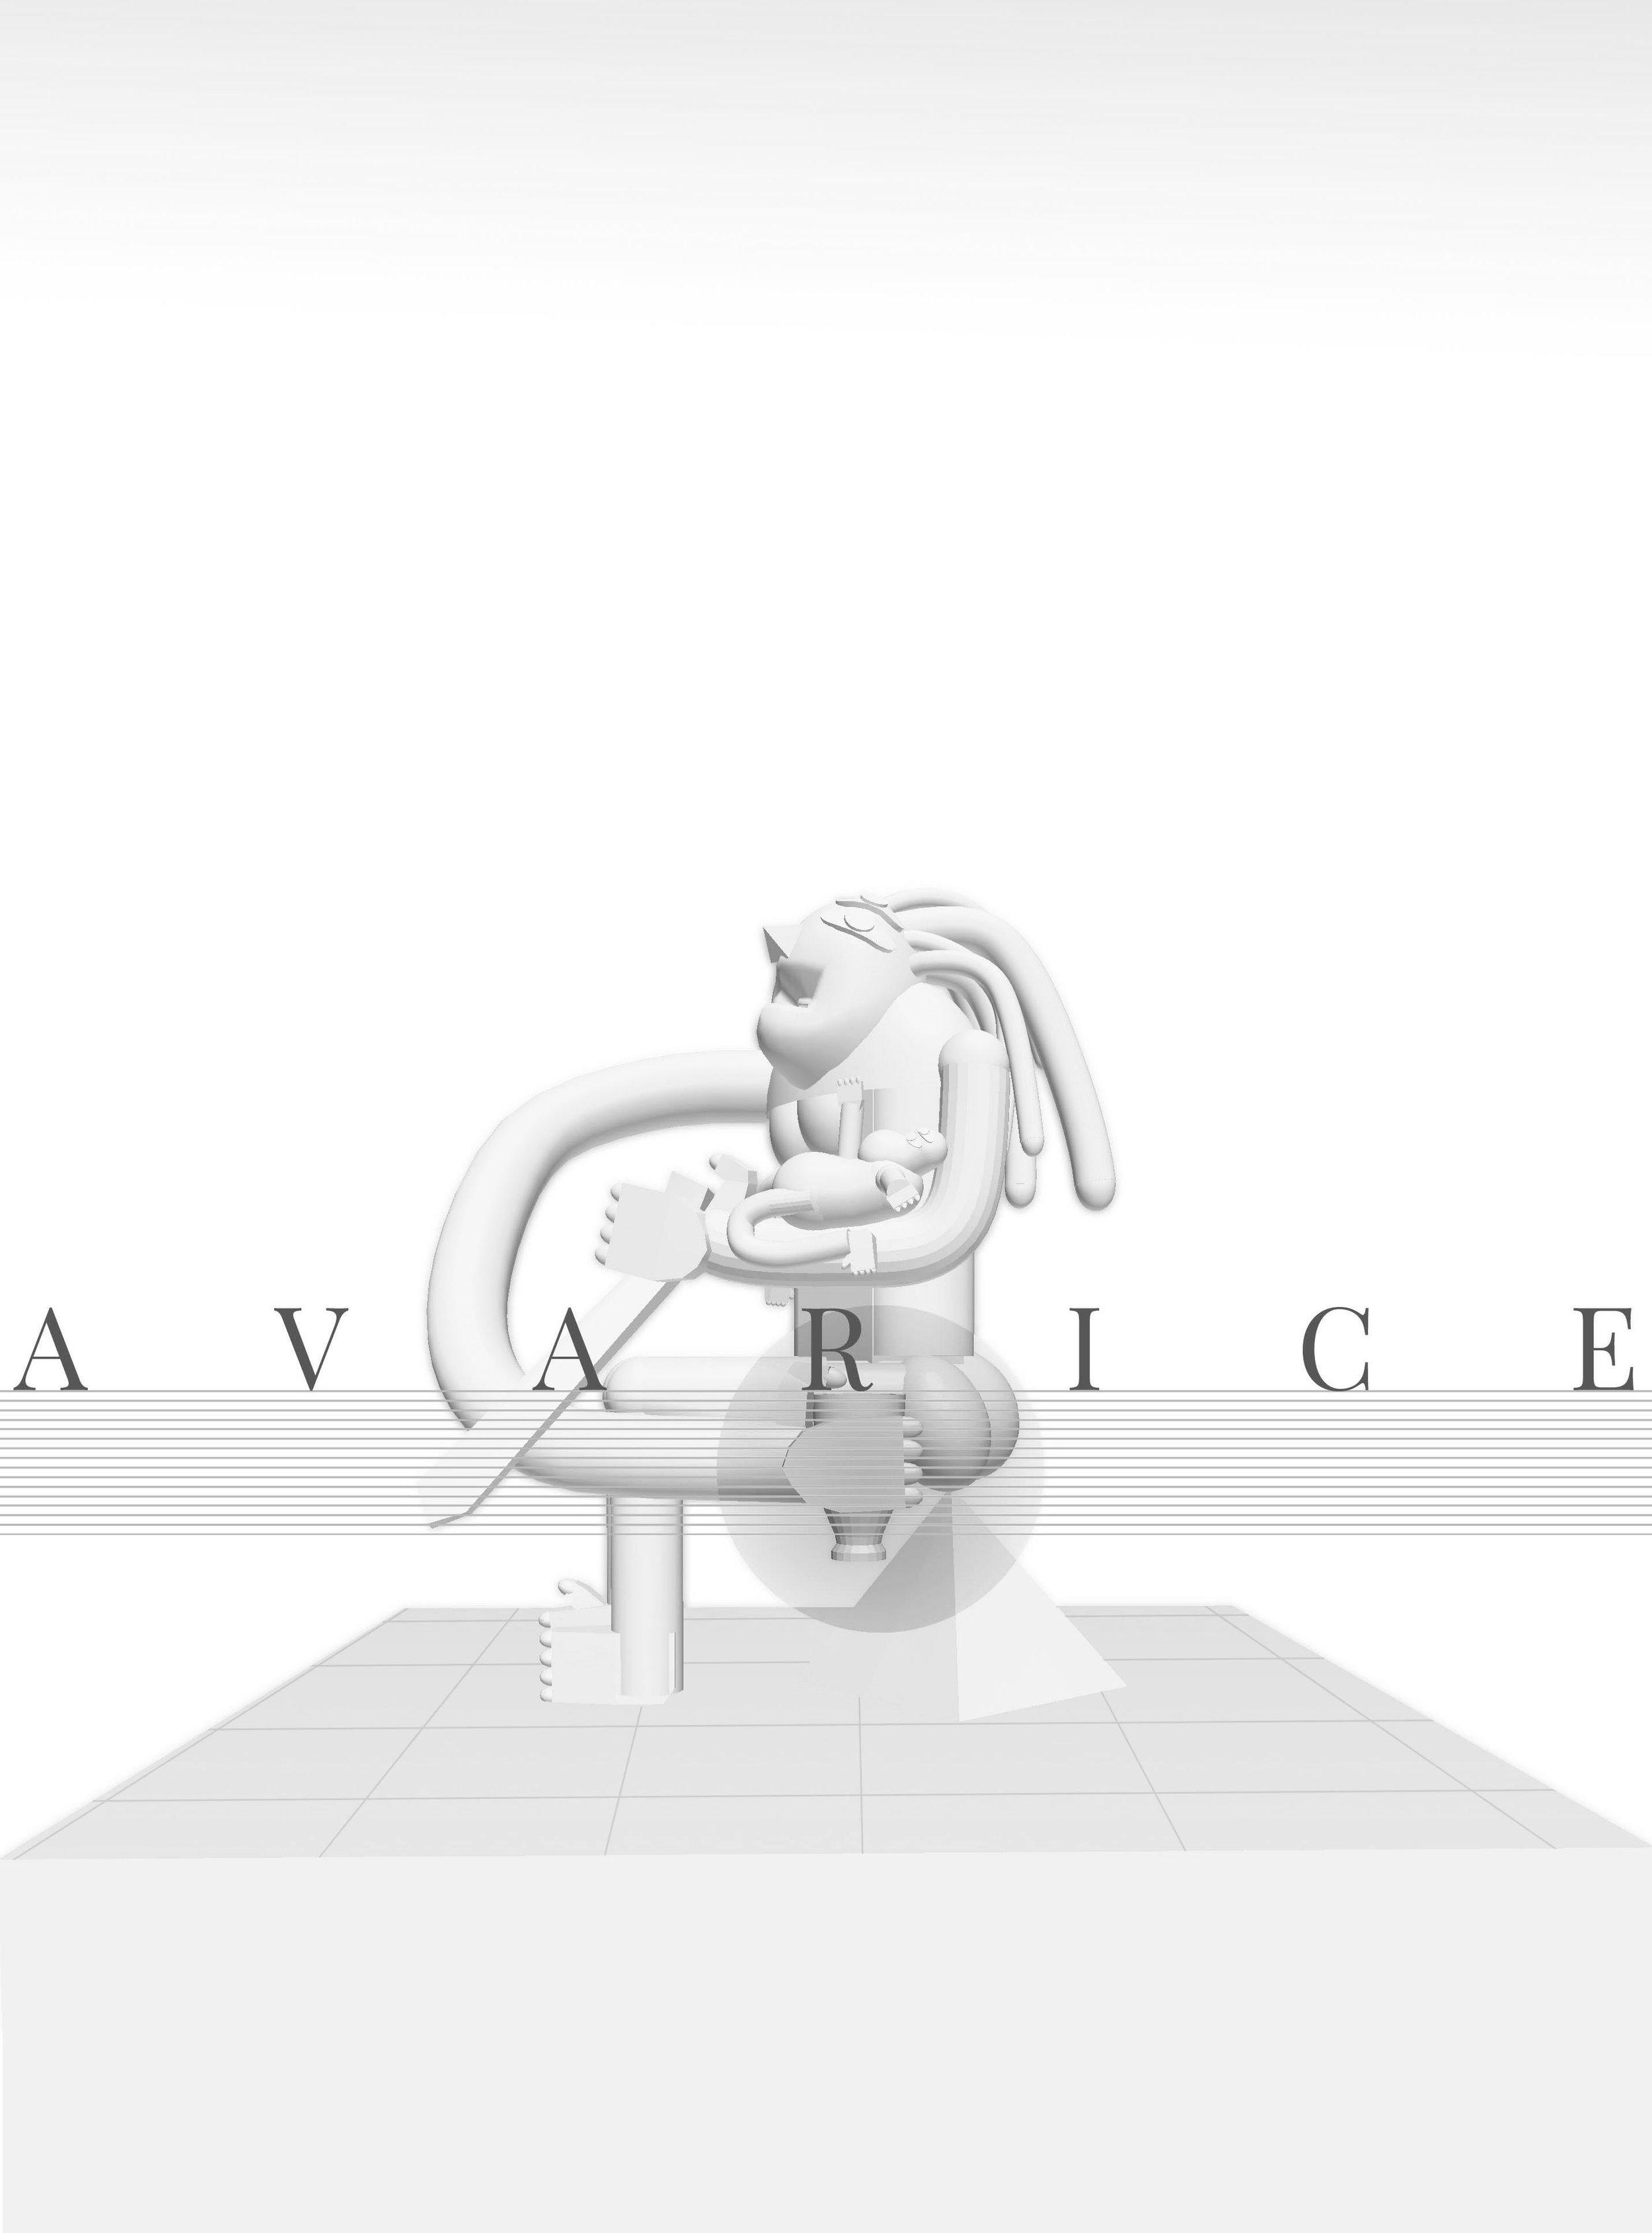 Avarice_03bn.jpg